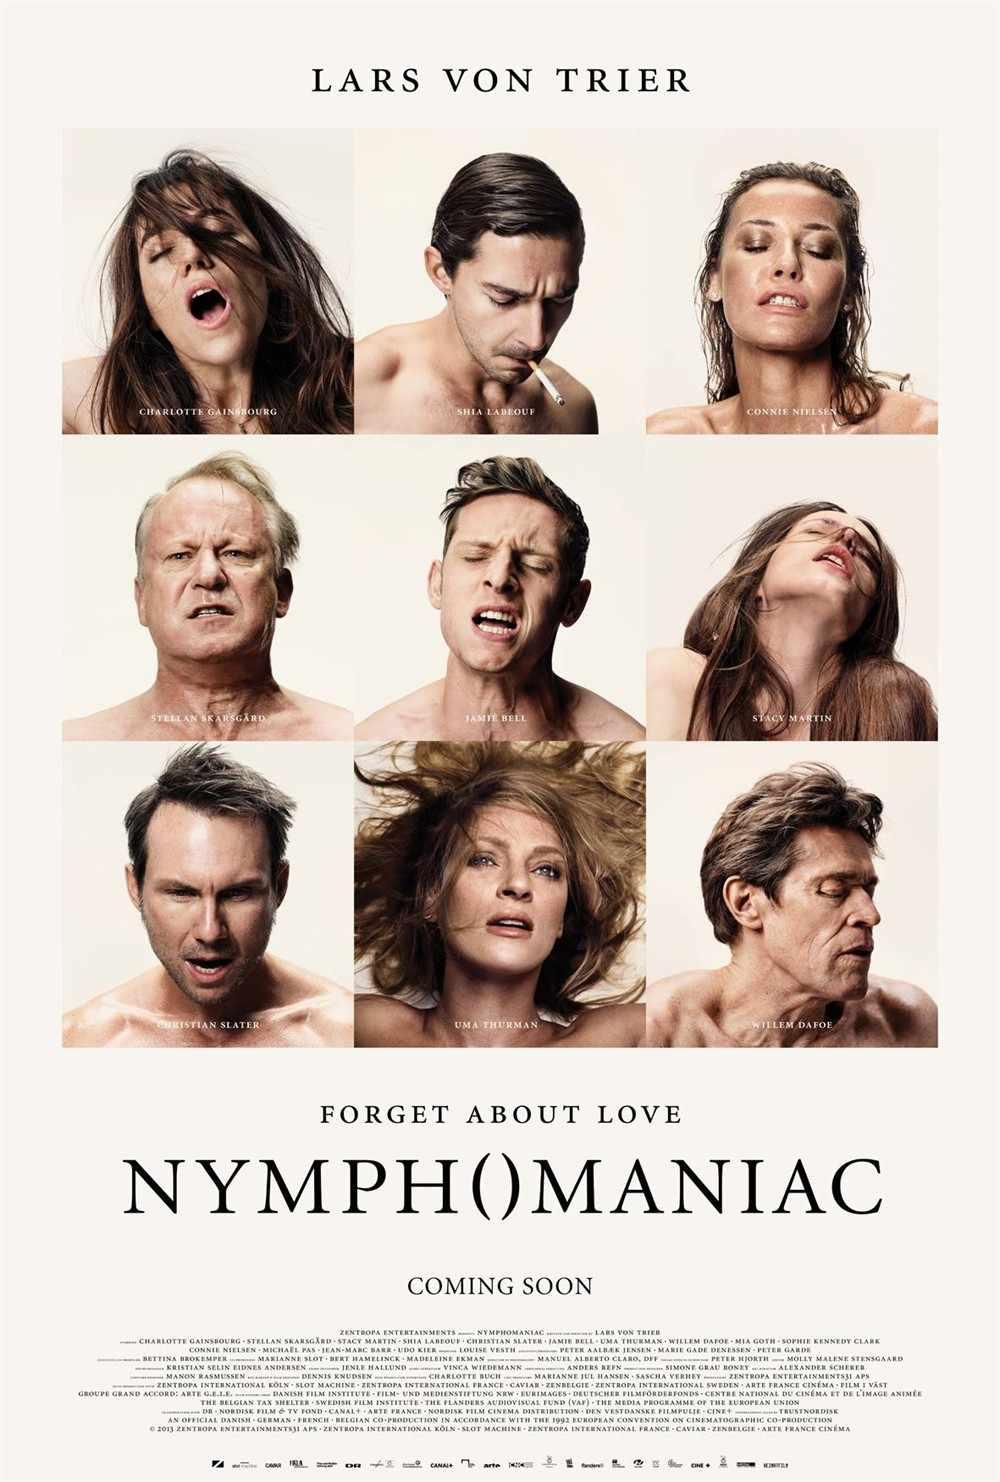 Nymphomaniac Phim Christian Slater UMA Thurman Lụa Poster Tranh Trang Trí 24X36 Inch